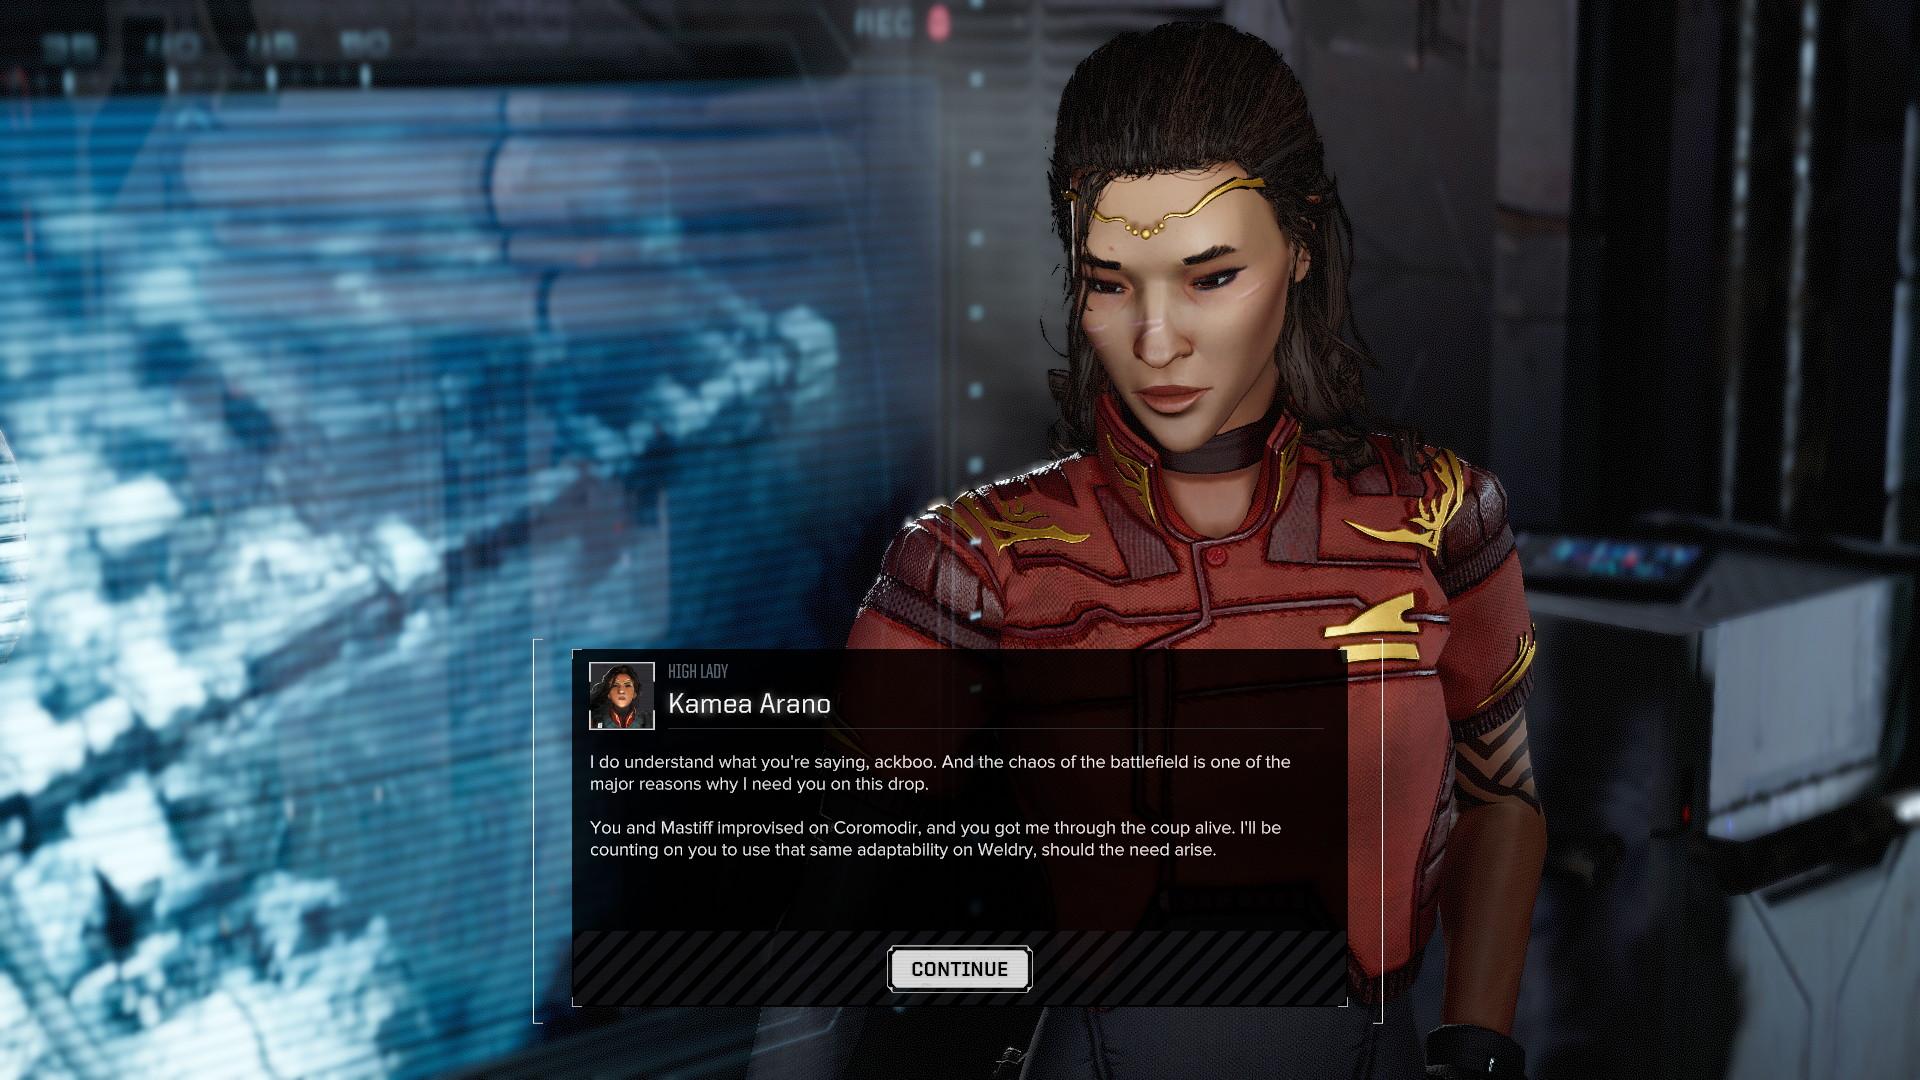 La progression dans la campagne solo se fait de manière libre, en choisissant parmi des dizaines de contrats de mercenariat. Mais pour progresser dans le scénario, il faut aider cette princesse à récupérer son trône. L'avantage, c'est qu'elle paye très bien.